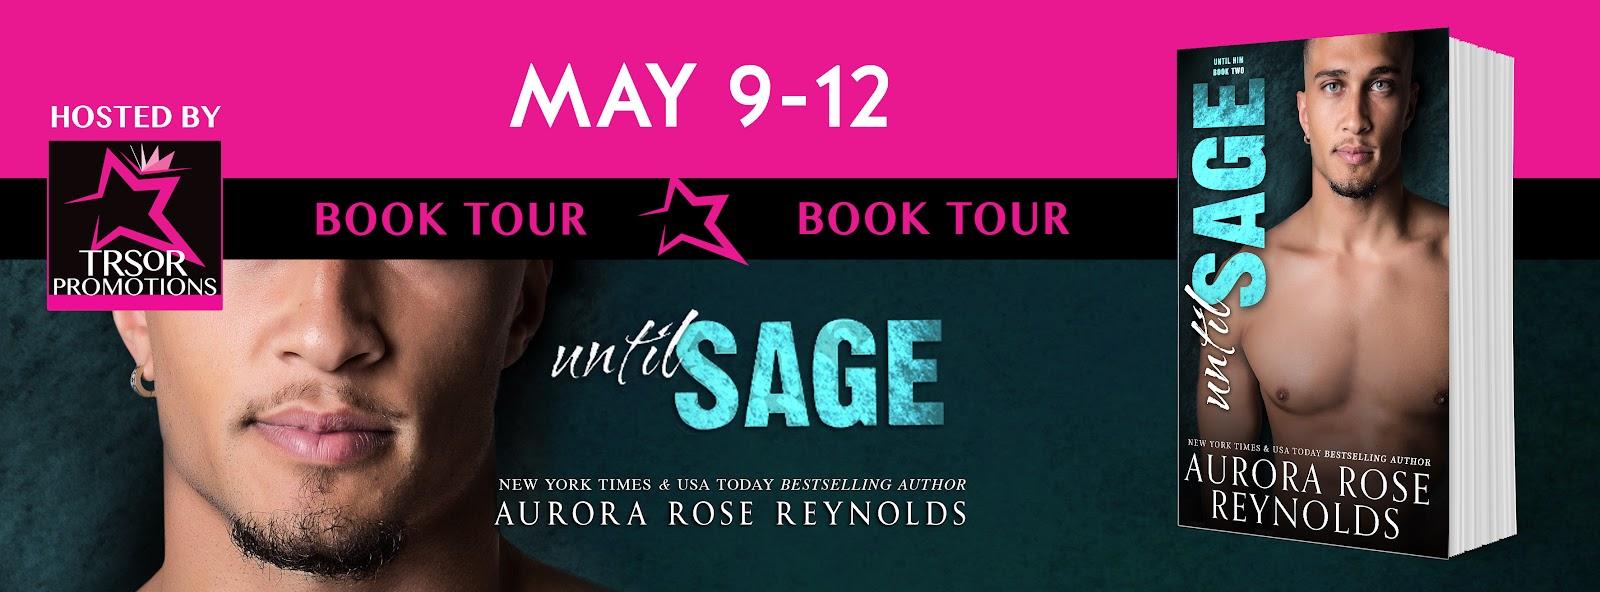 UNTIL_SAGE_BOOK_TOUR.jpg